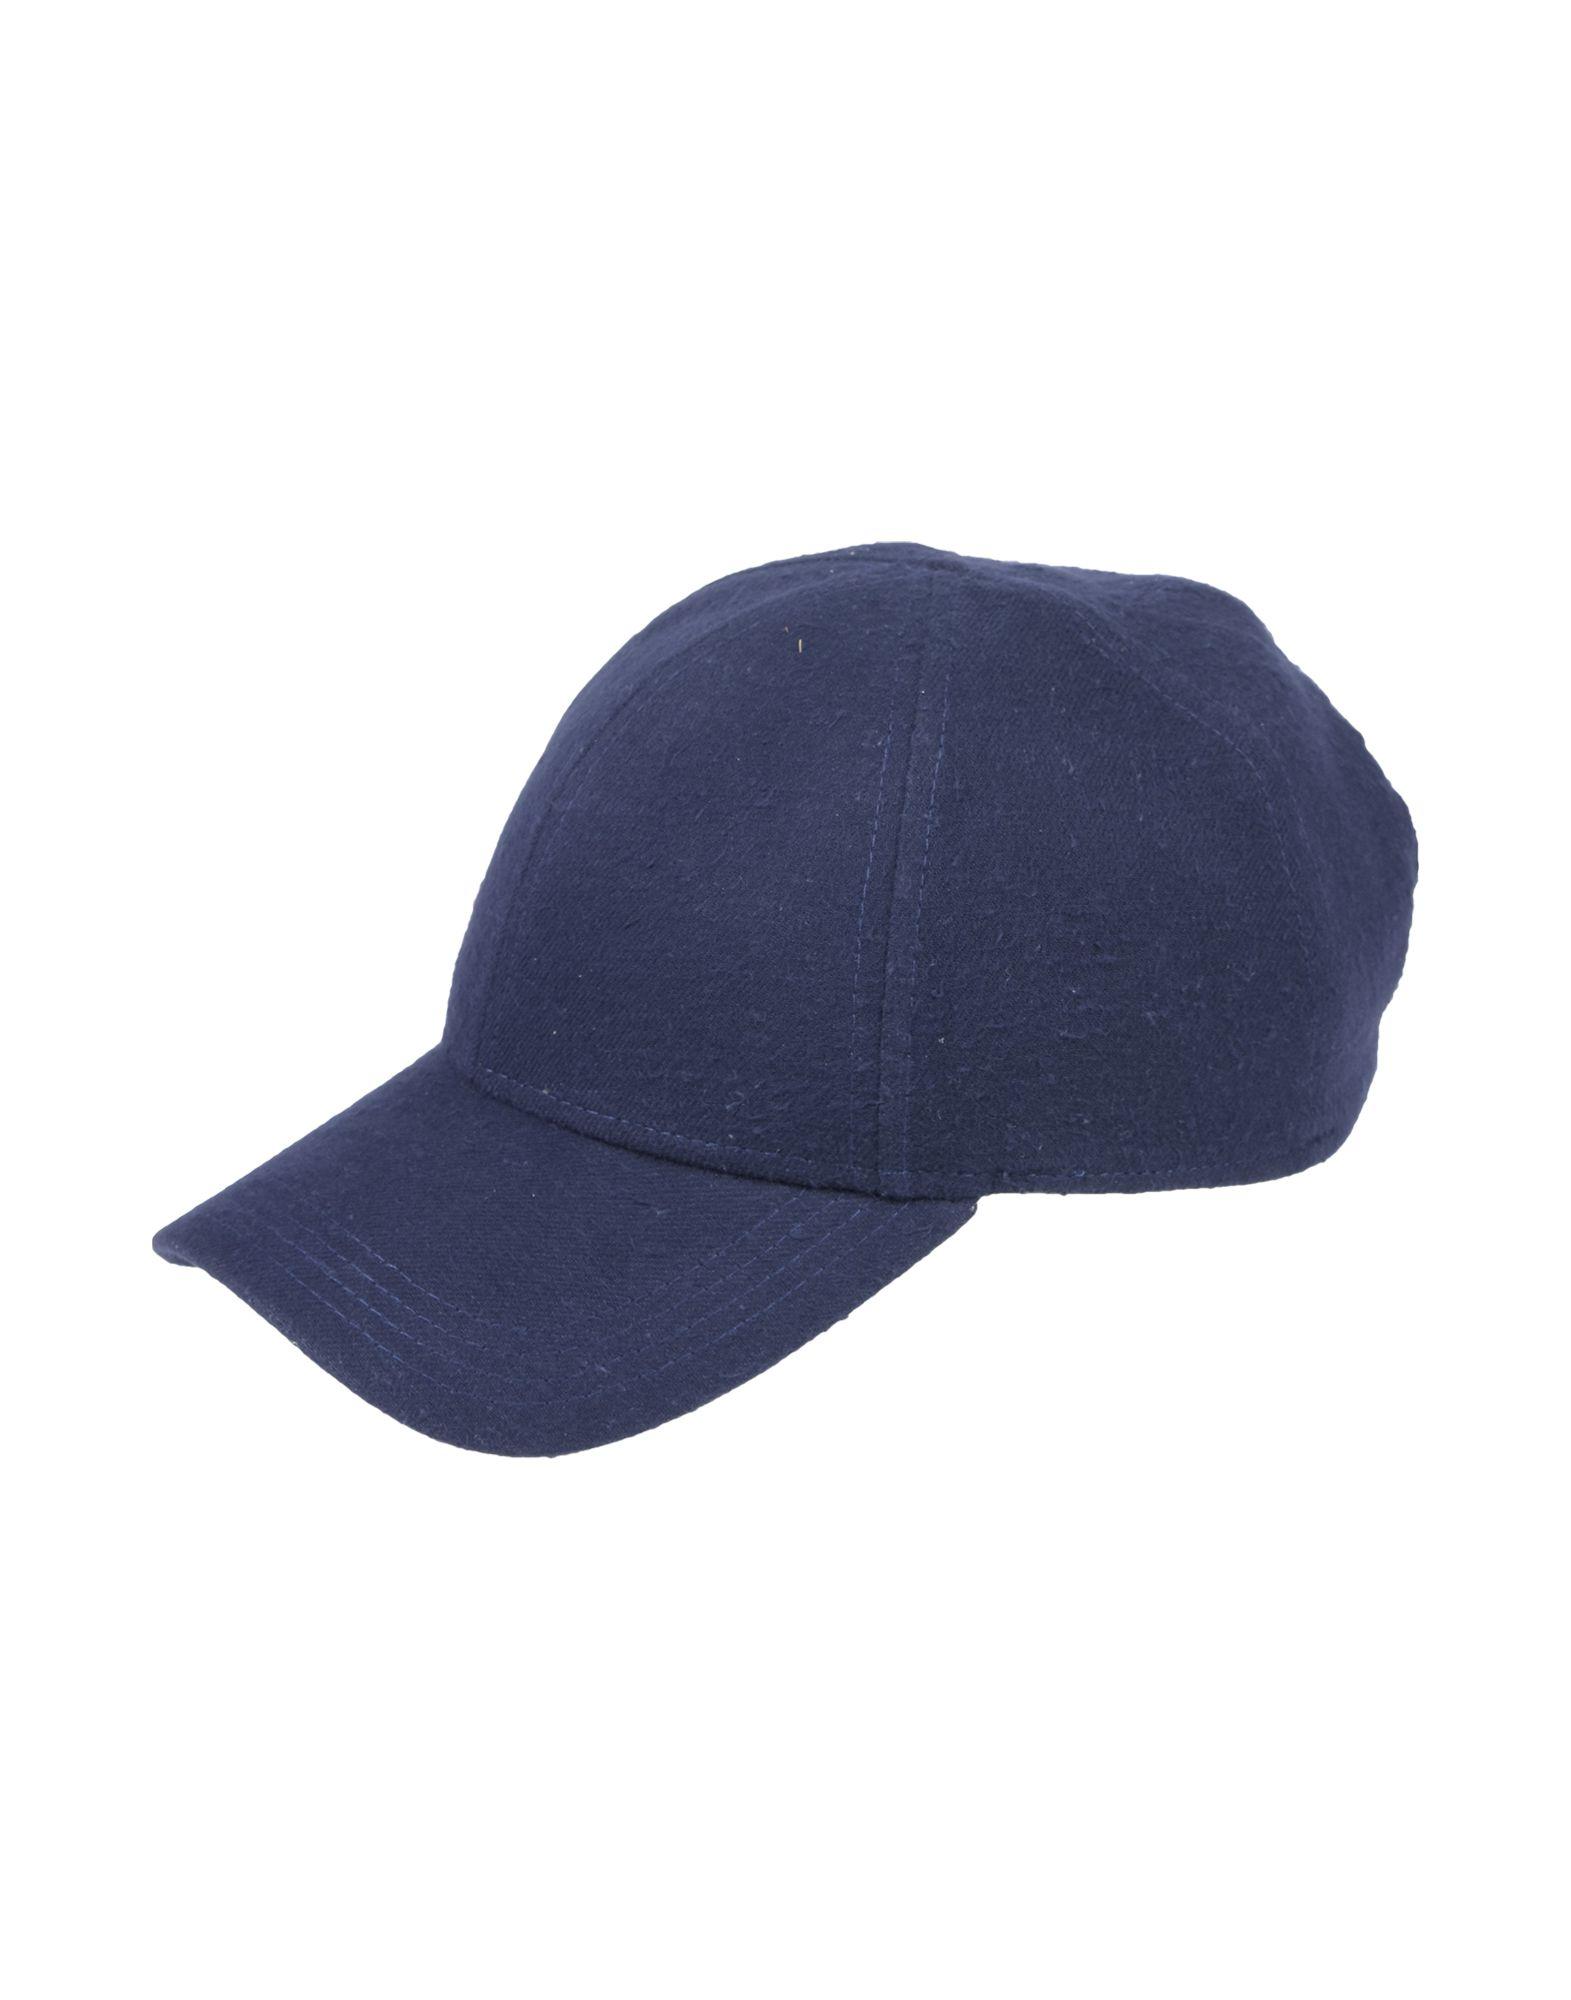 《期間限定 セール開催中》NEW ERA メンズ 帽子 ダークブルー one size コットン 100%